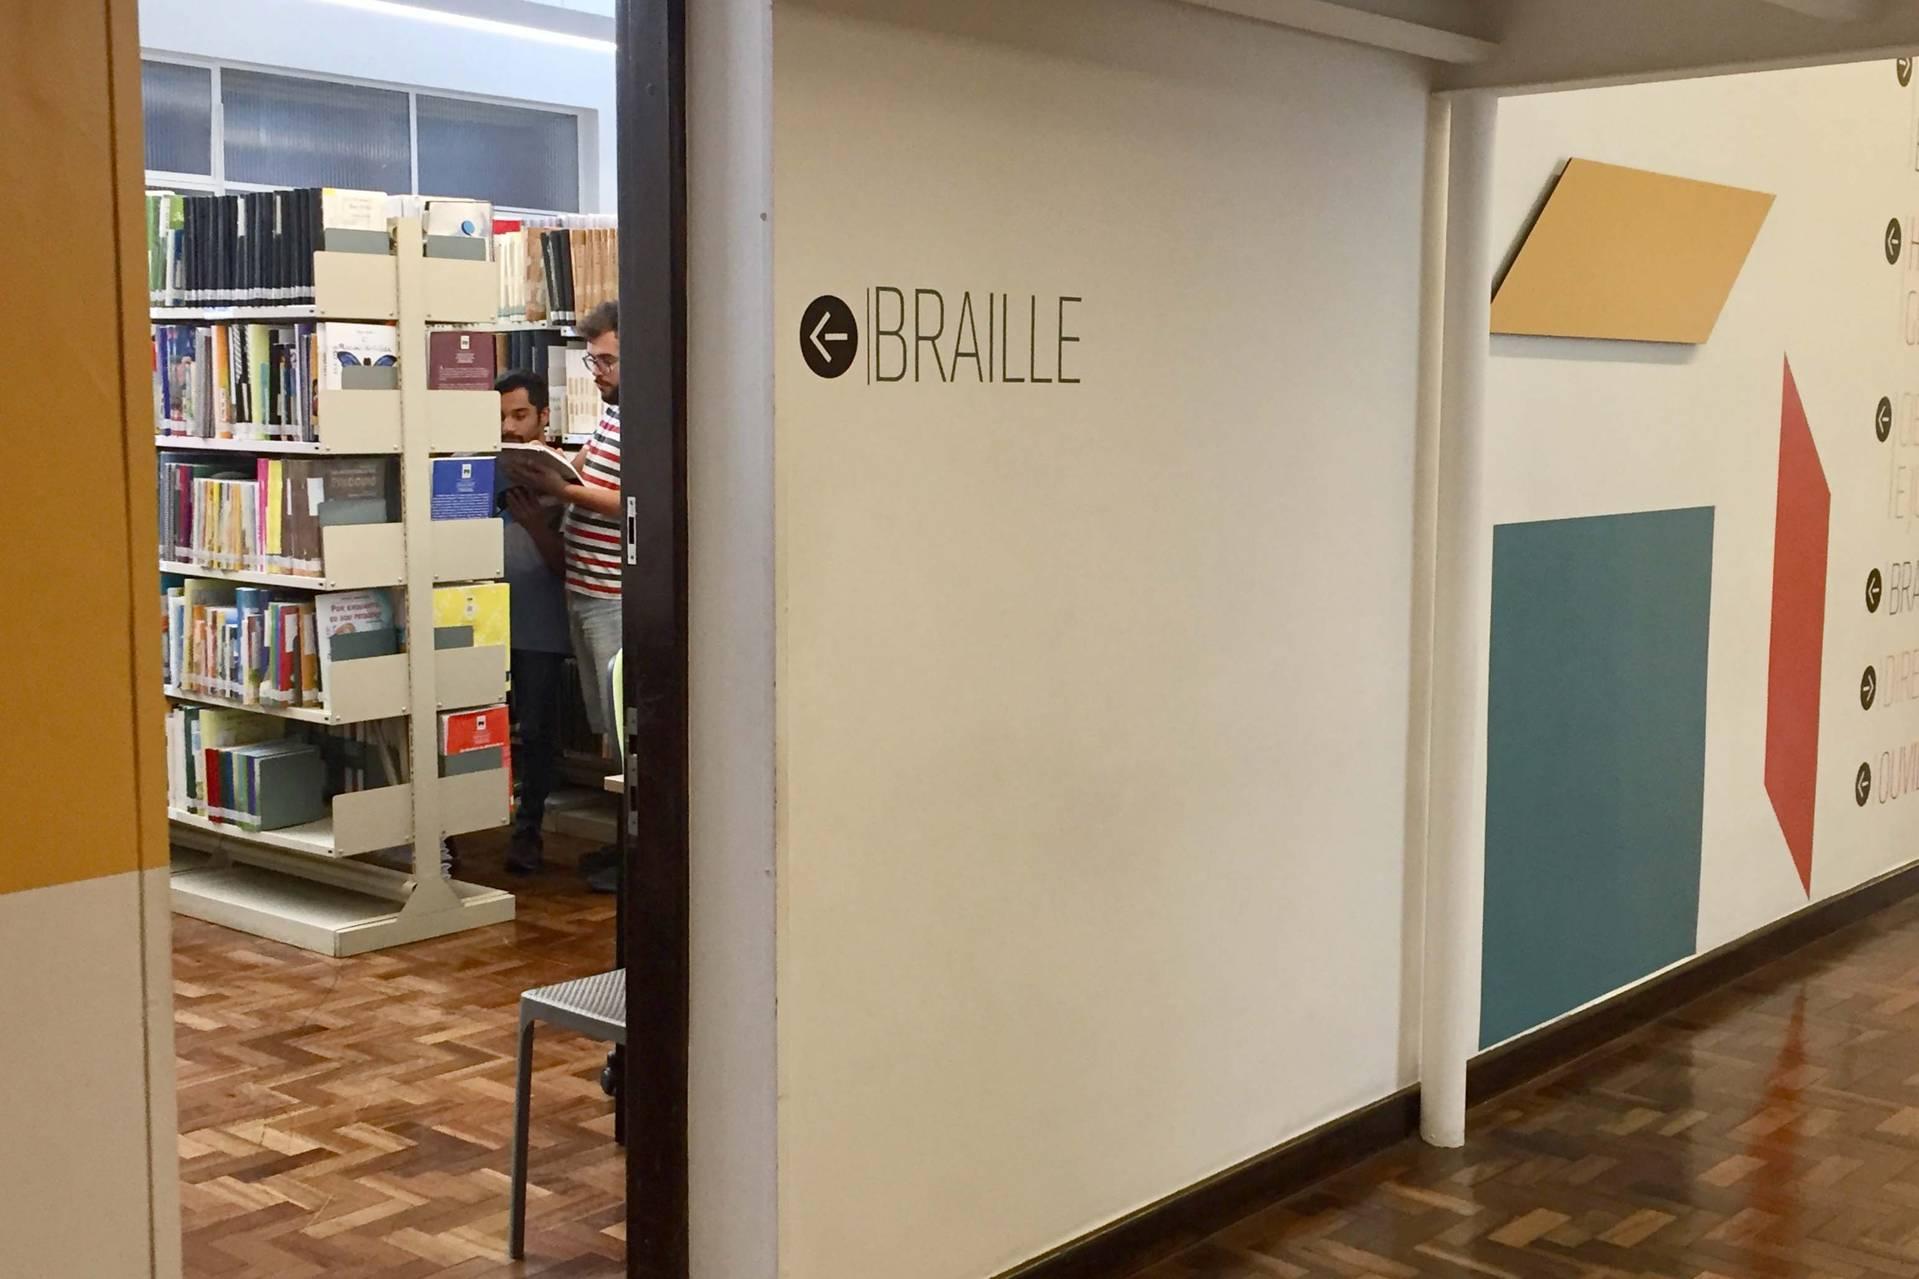 O local destinado aos livros aumentou, facilitando a circulação dos usuários.